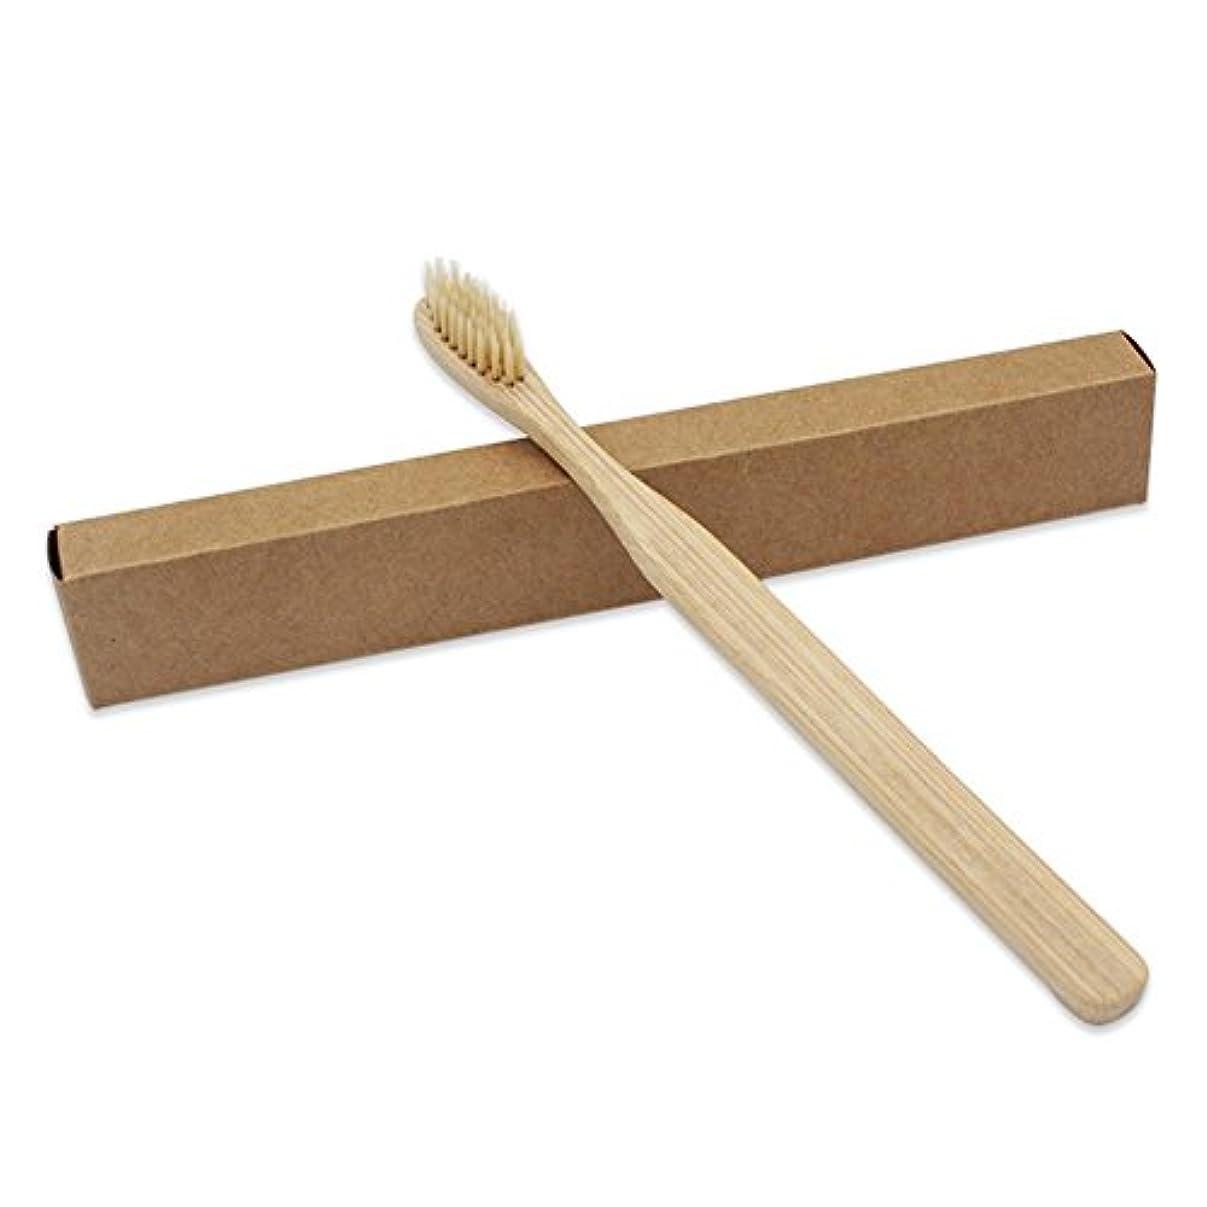 航空機ハンディ周囲powlancejp 竹炭の歯ブラシ 竹の歯ブラシ 分解性 環境保護の歯ブラシ 天然の柔らかいブラシ